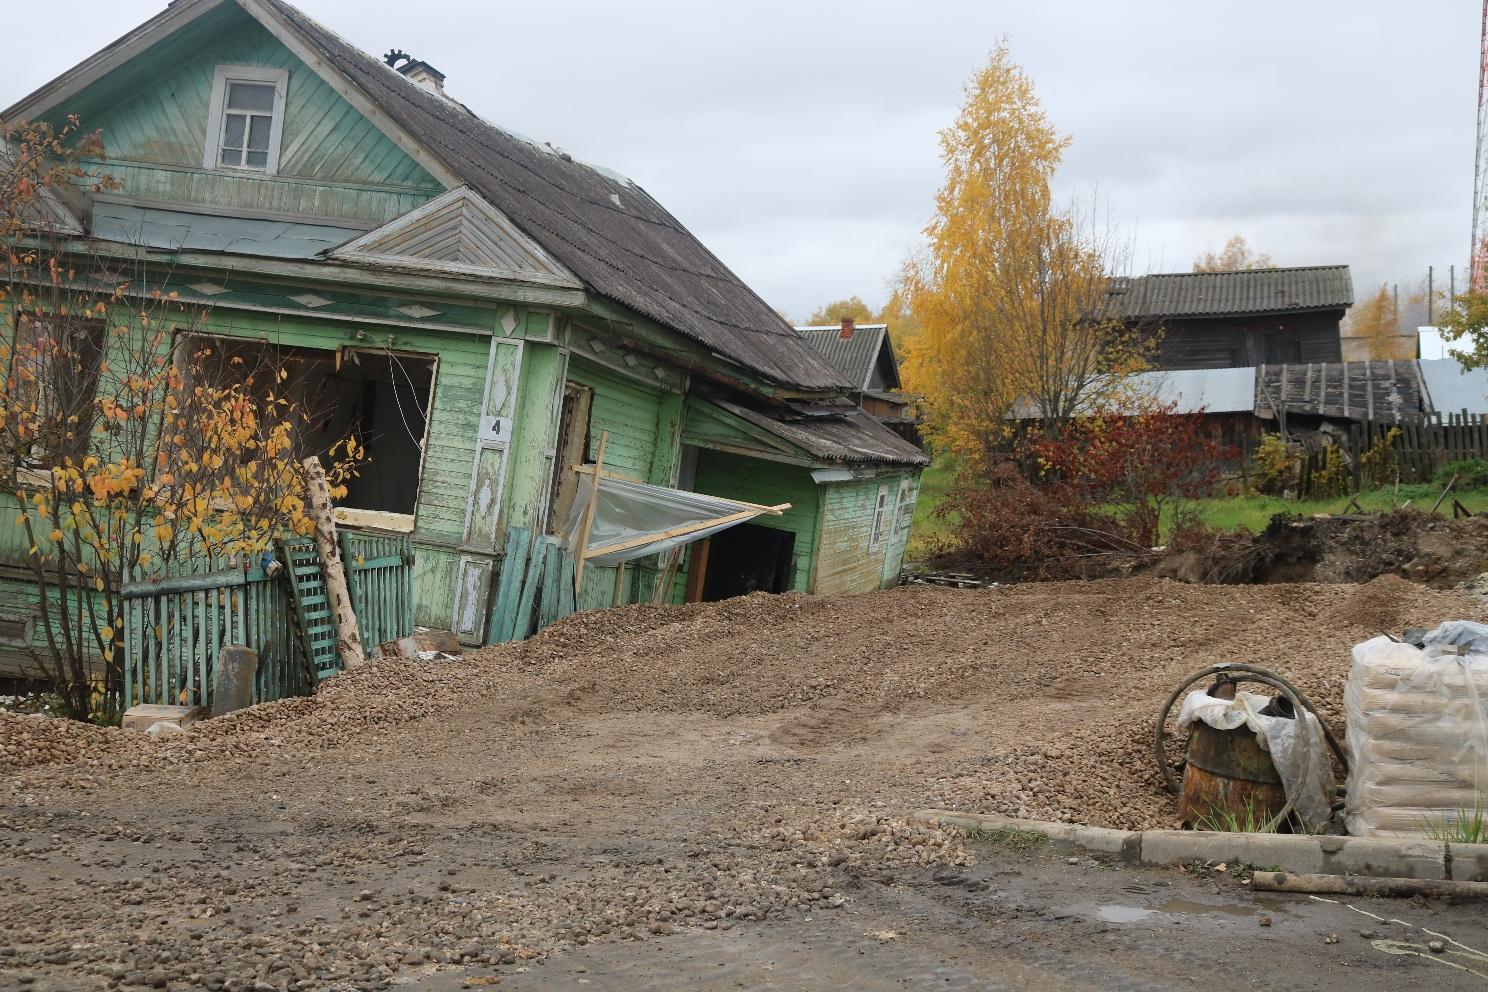 ЧП со скважиной в Белозерске: власти говорят, что дом придется снести